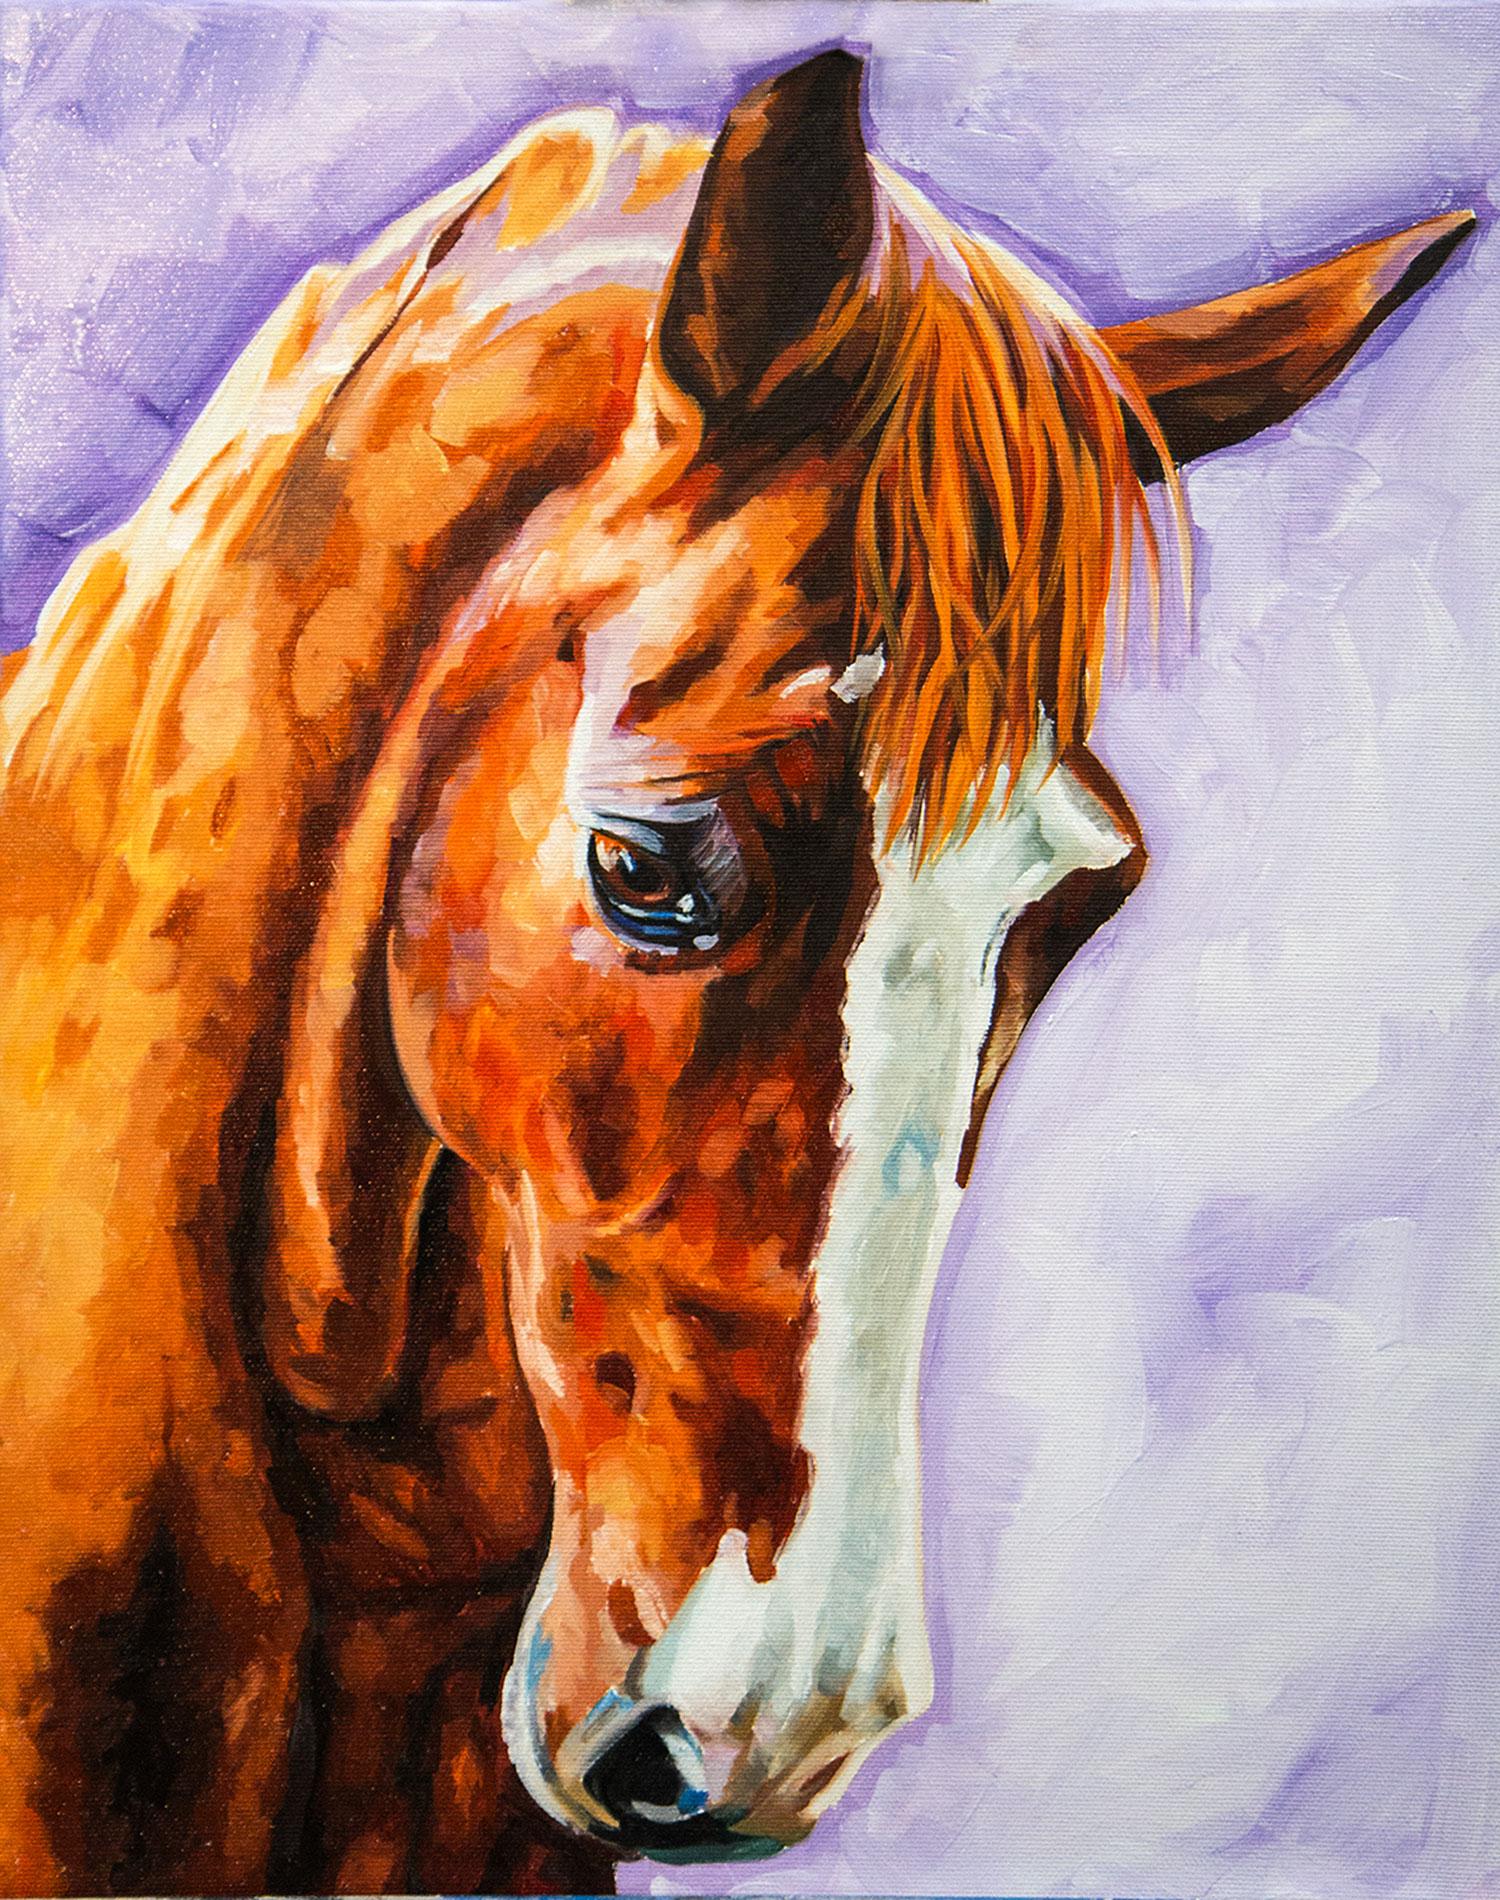 ritratti-di-cavalli-su-commissione-opera-d-arte